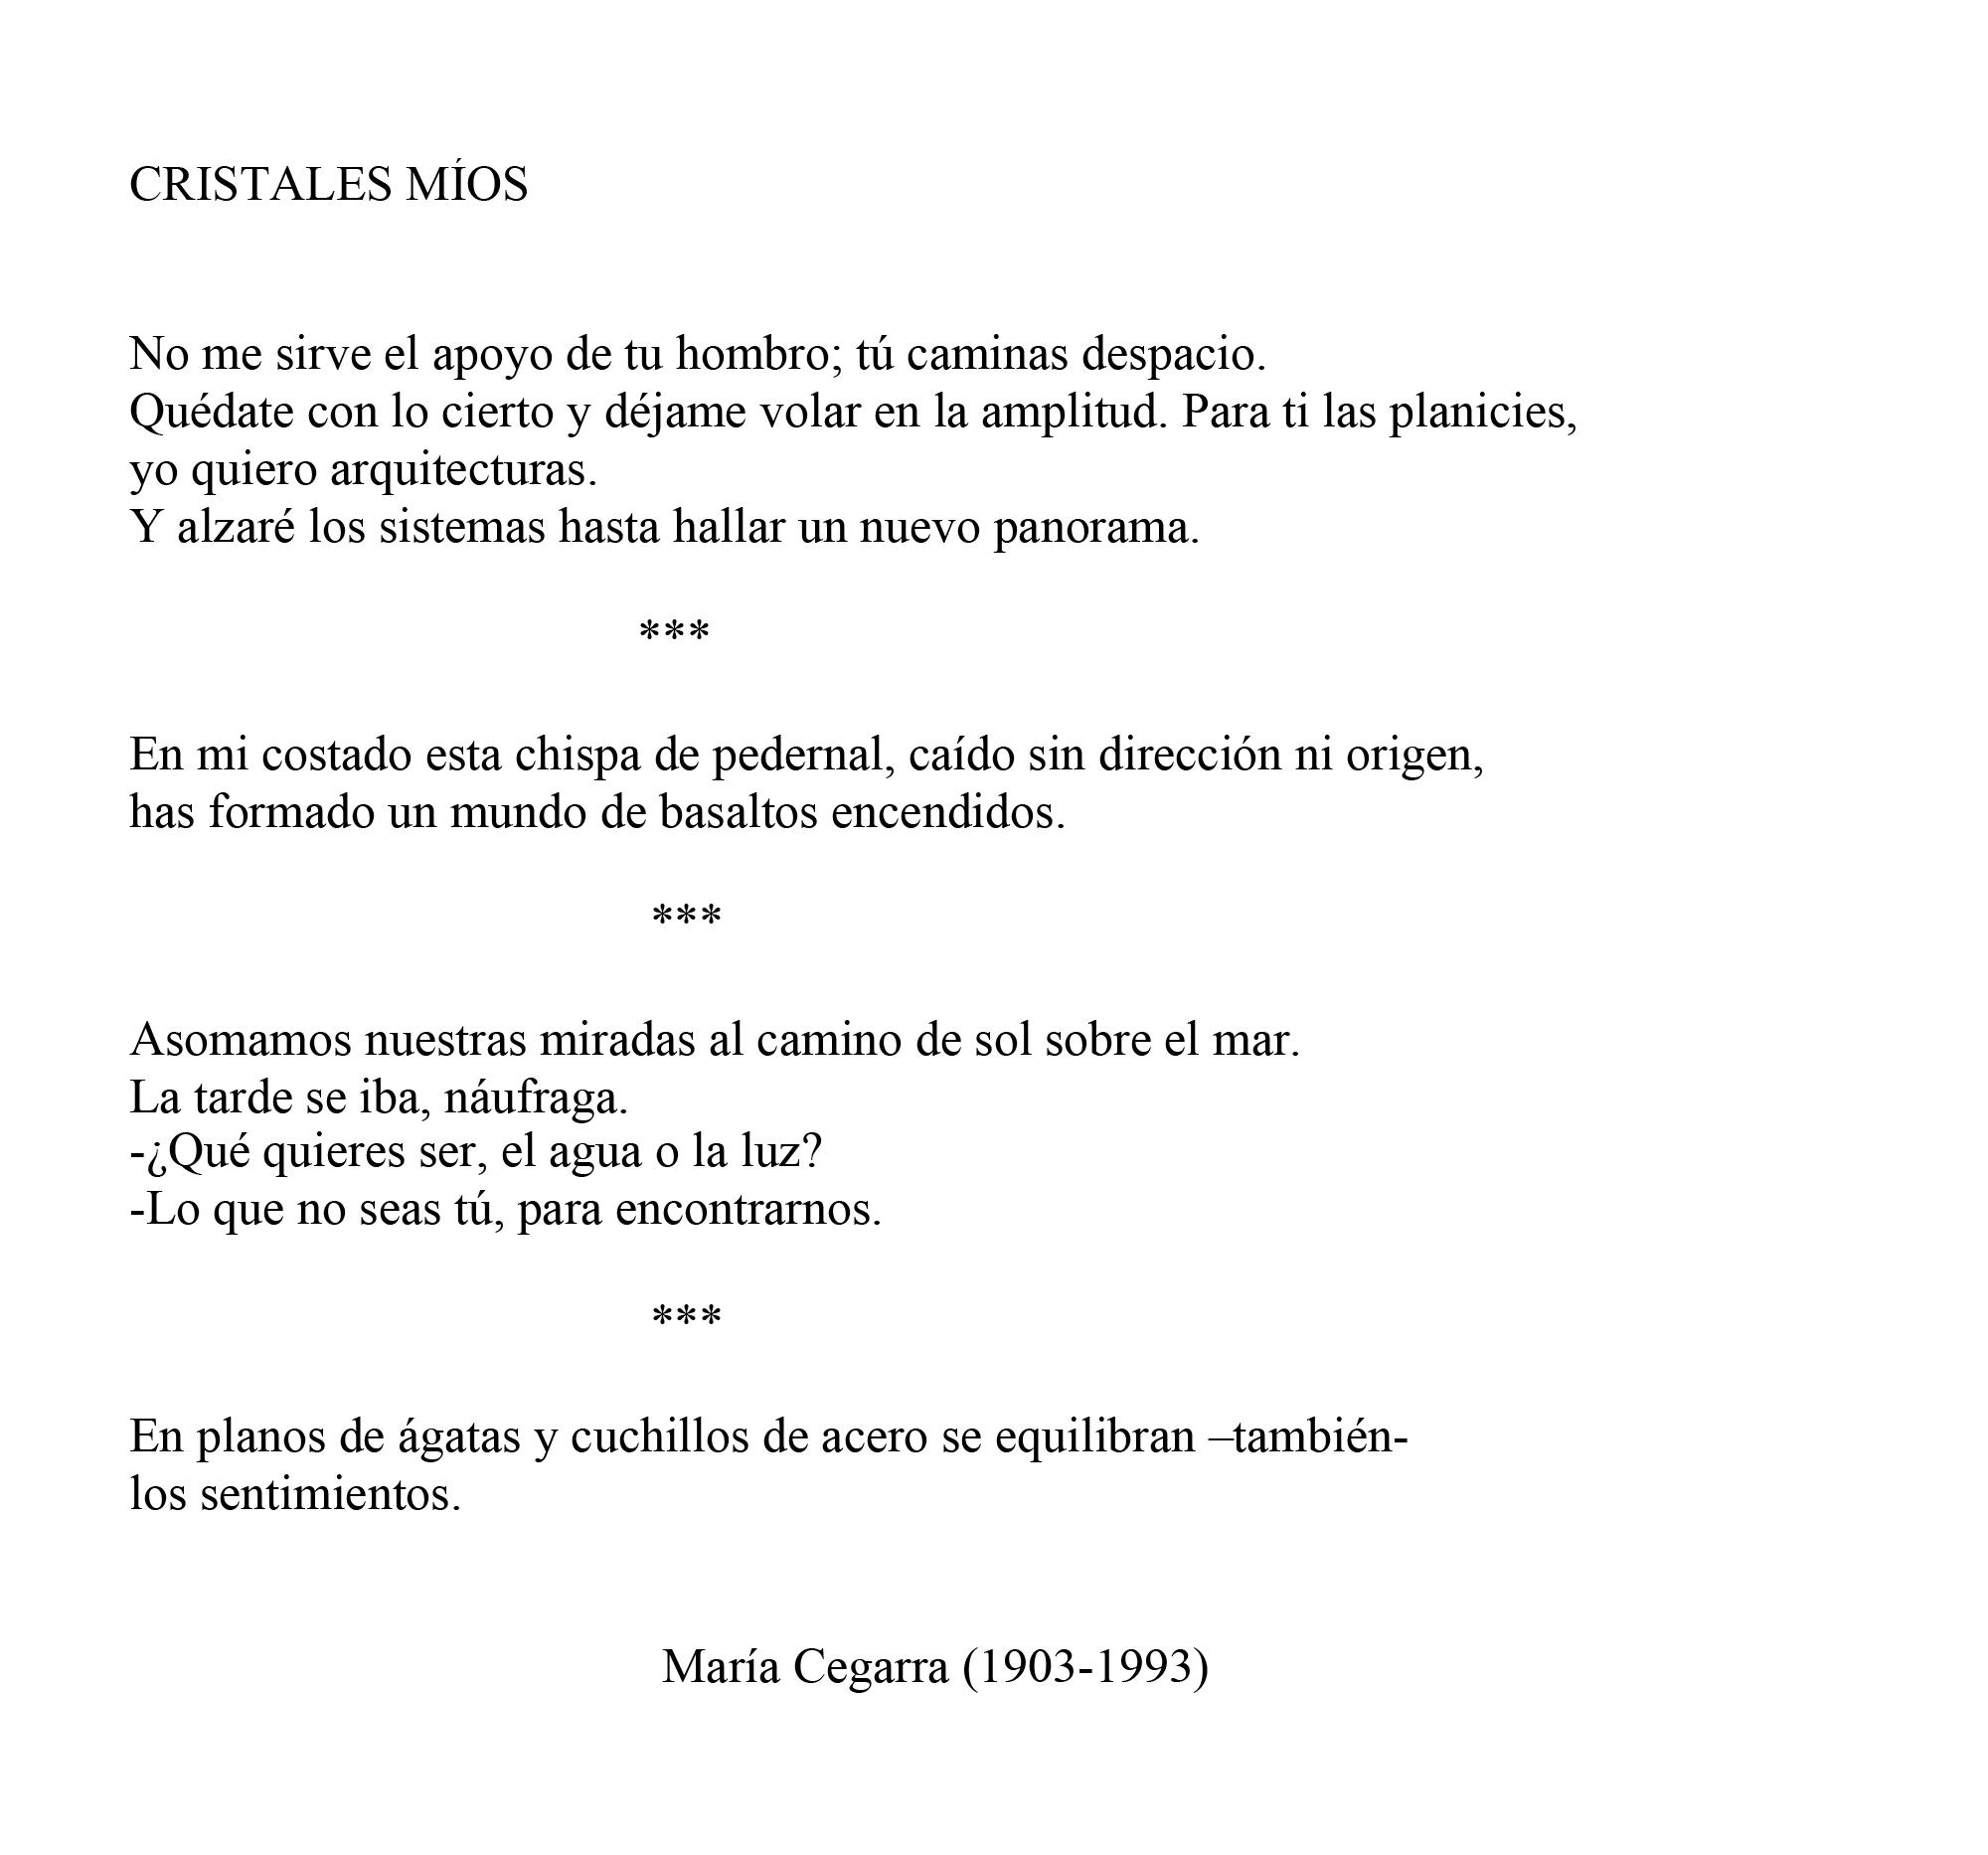 María Cegarra - Como dos gotas de poesía   - Como dos gotas de poesía, fotografías de LaraBisbe